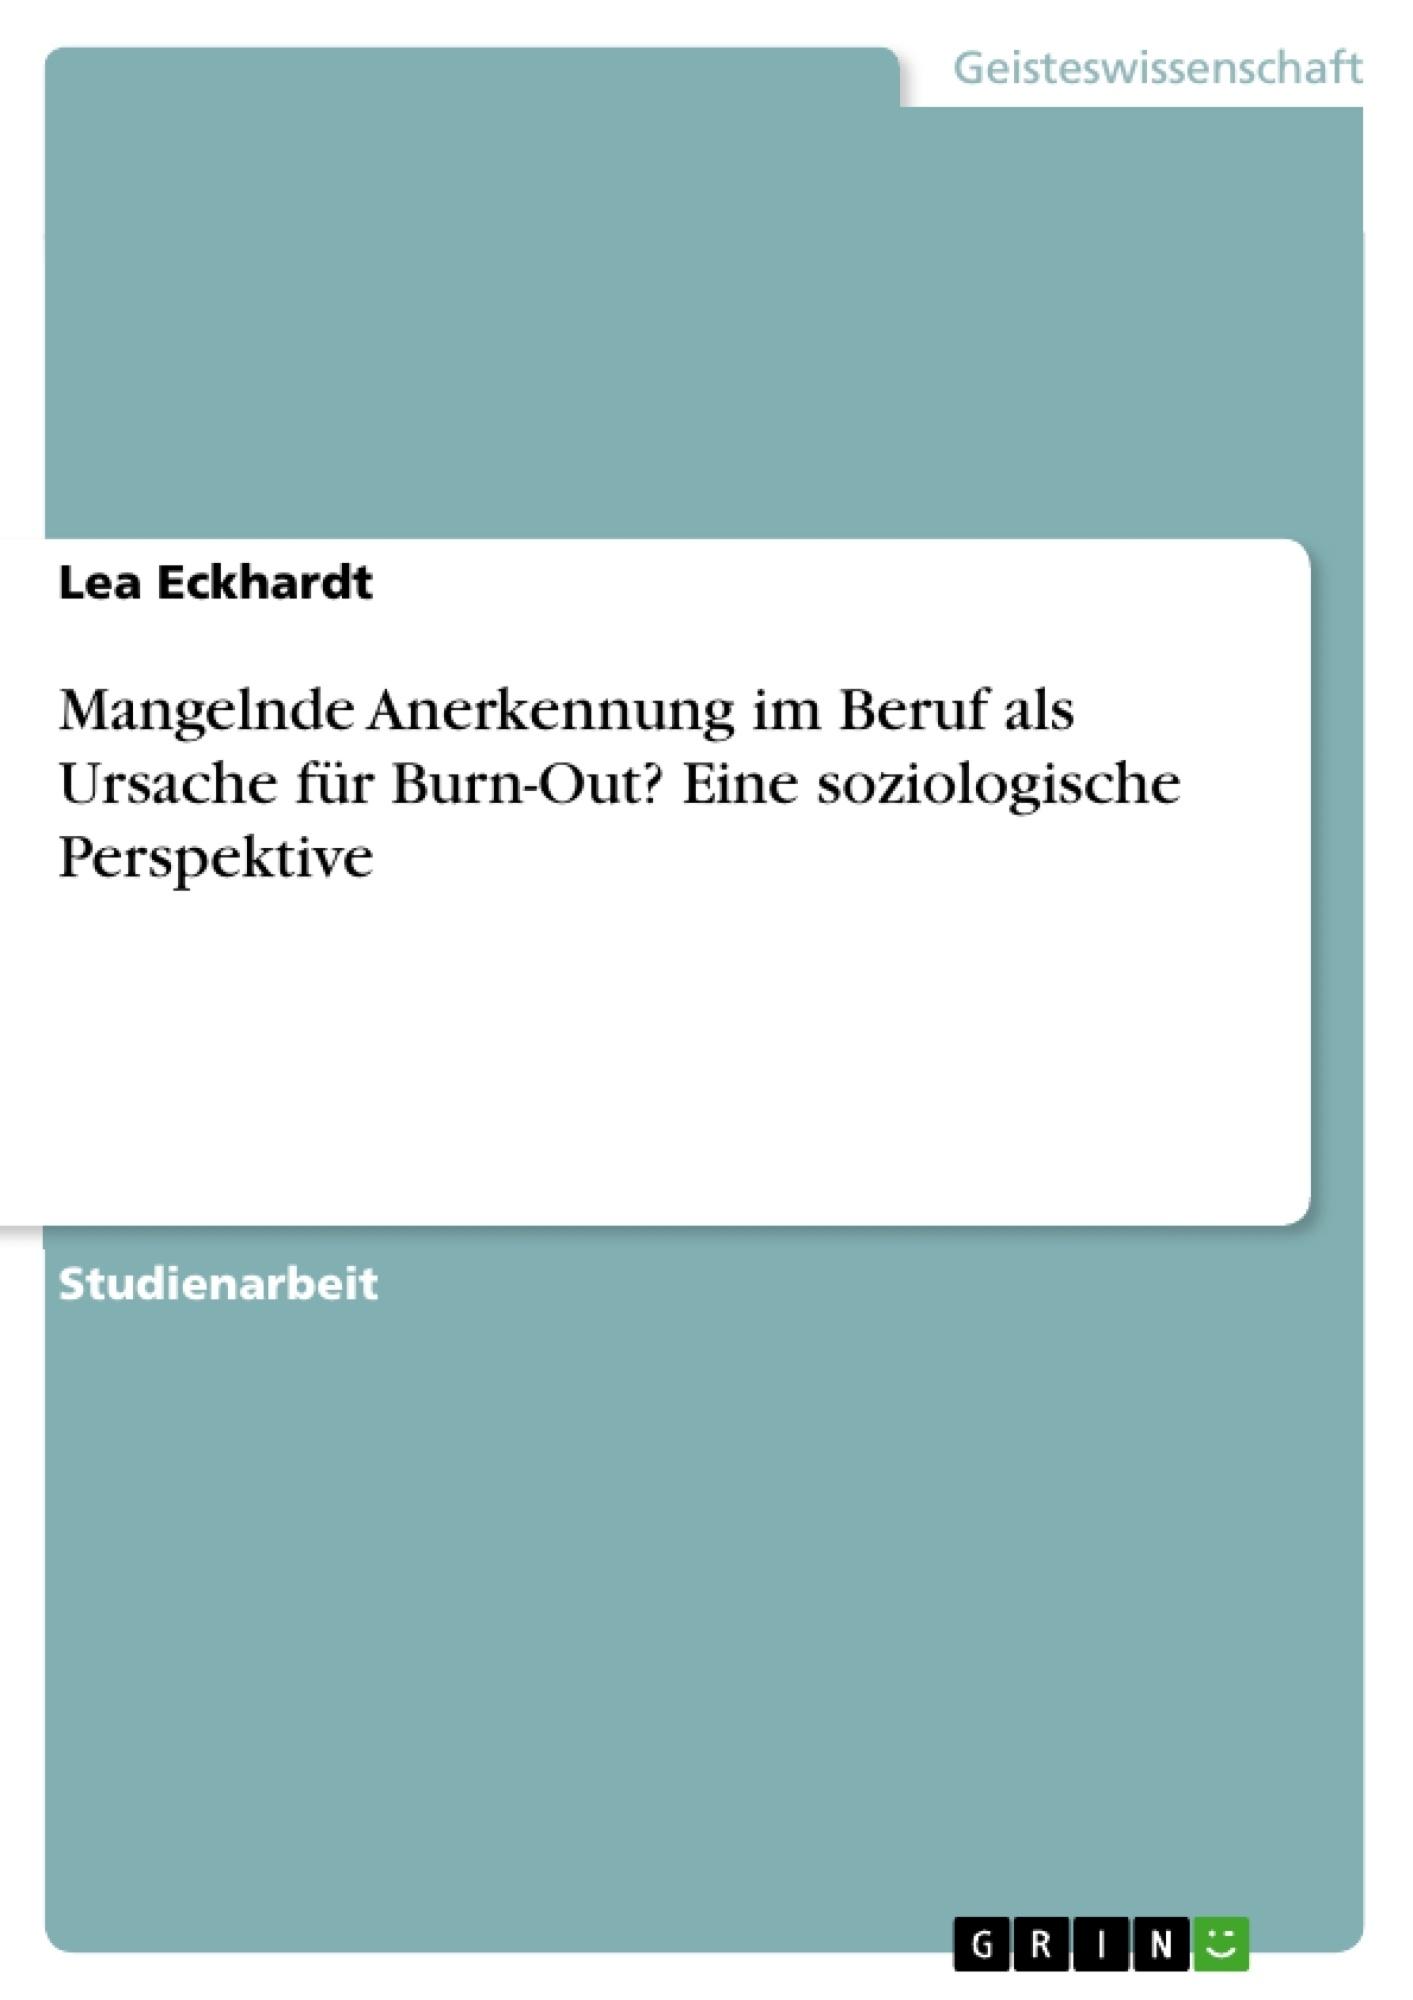 Titel: Mangelnde Anerkennung im Beruf als Ursache für Burn-Out? Eine soziologische Perspektive